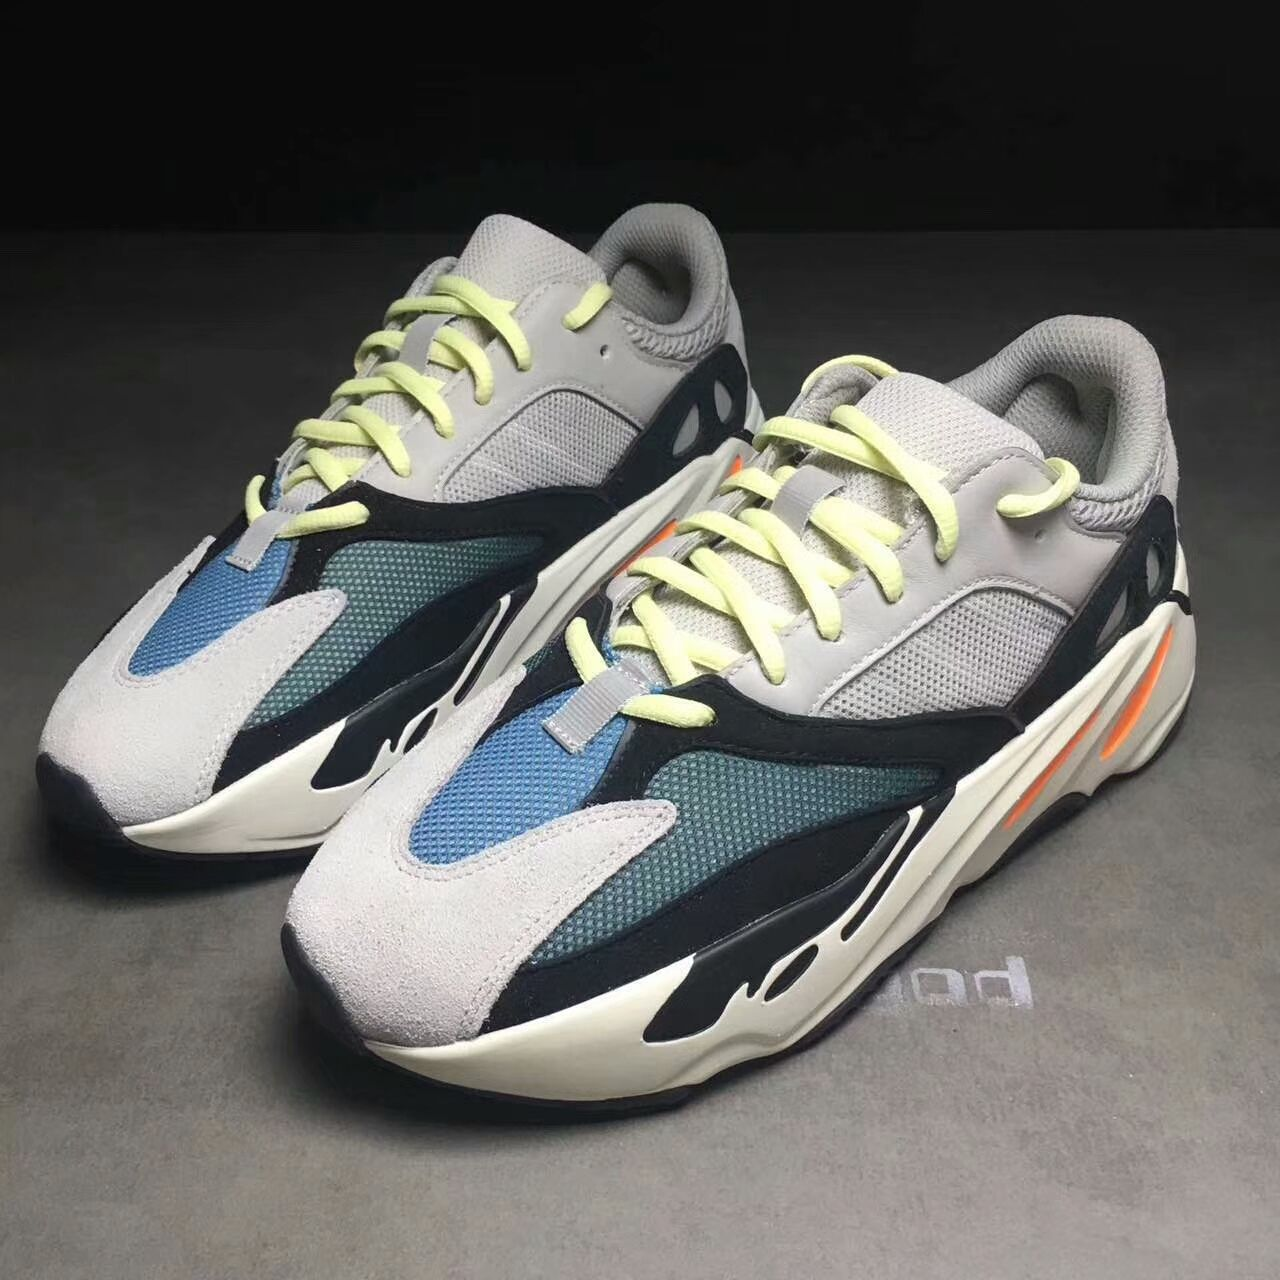 ec2fd51f5905d adidas Yeezy Boost 700 Runner   Size 36 - 48